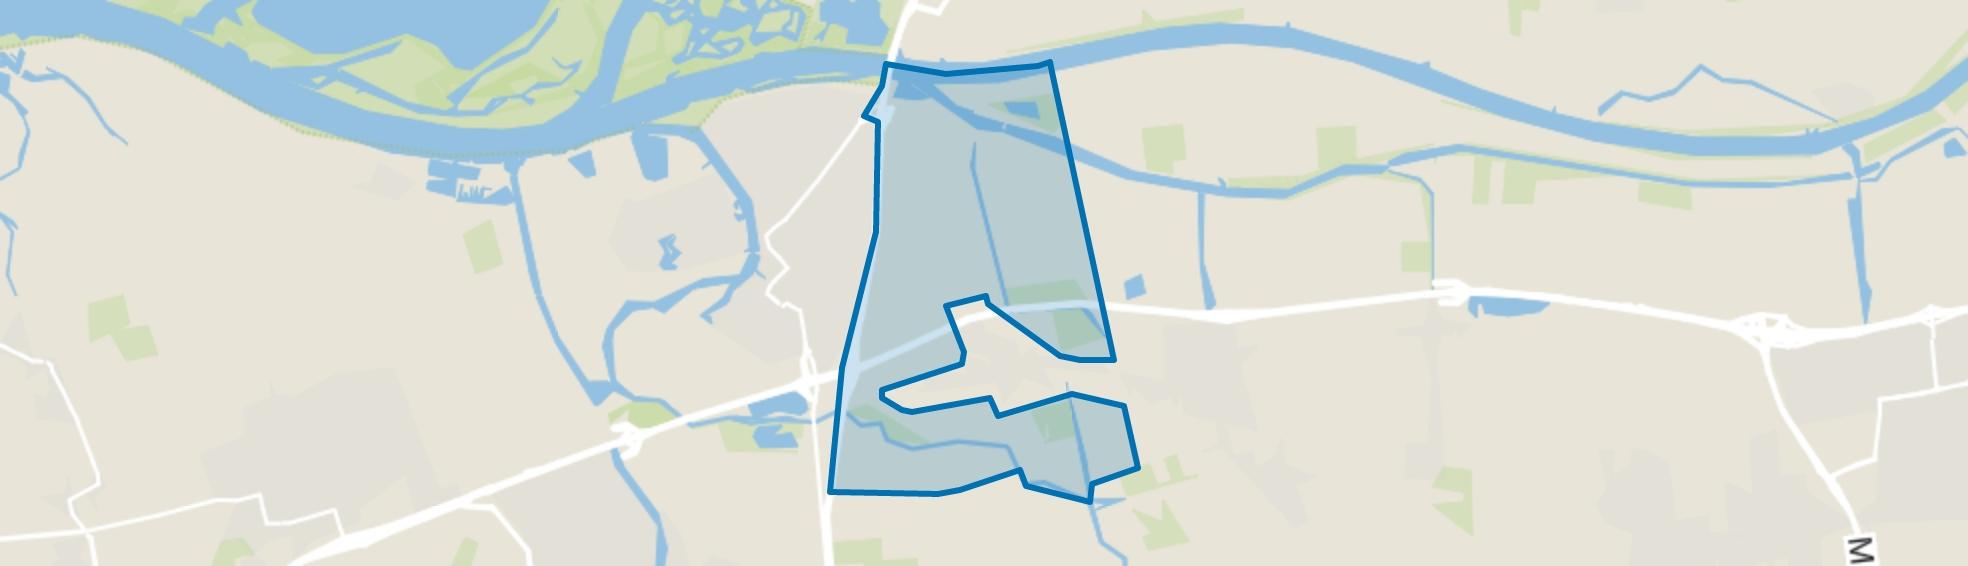 Verspreide huizen Raamsdonk, Raamsdonk map